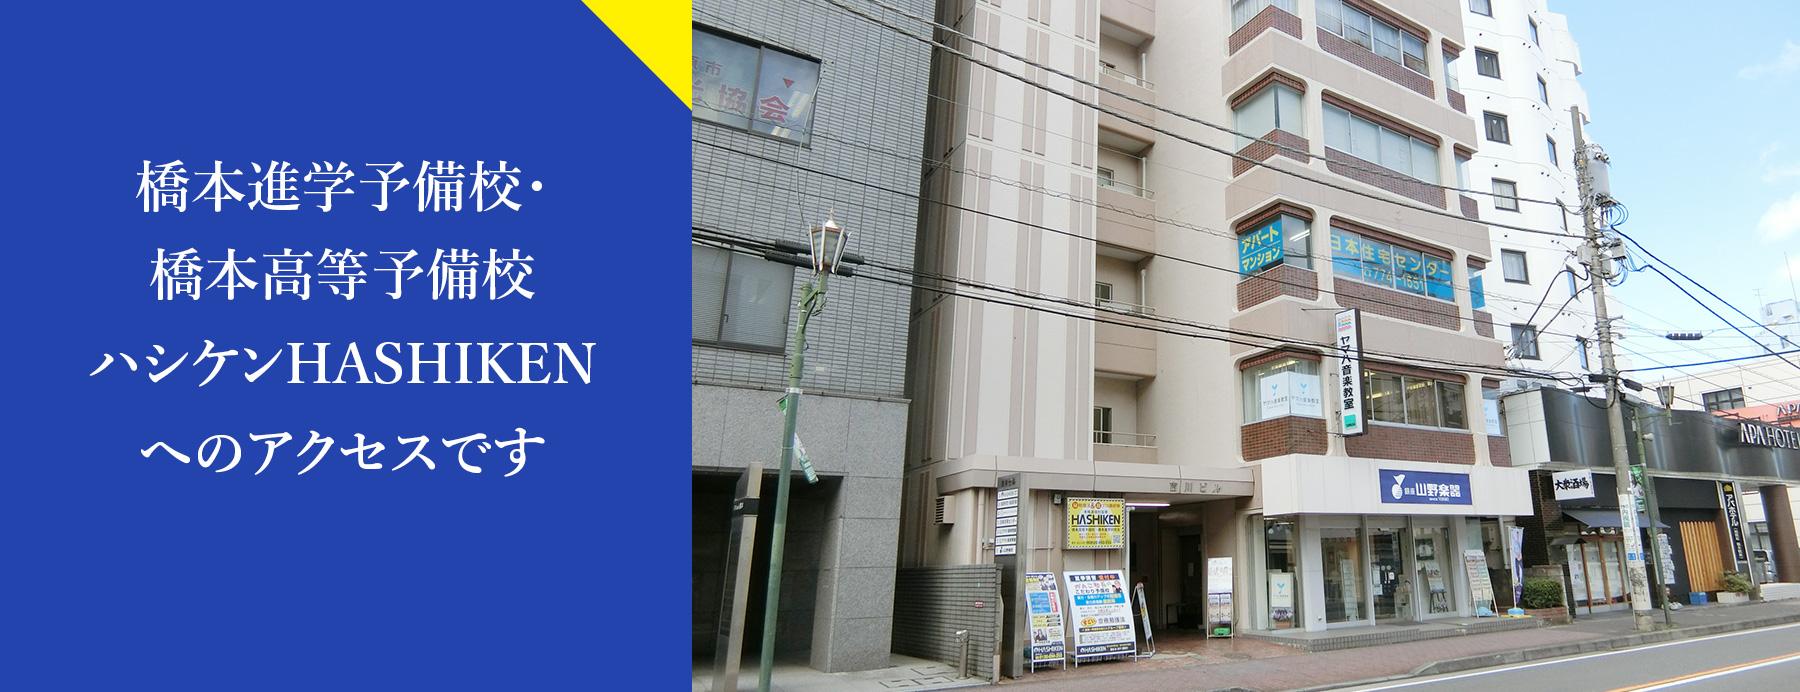 橋本の進学塾・予備校ハシケンHASHIKENへのアクセス